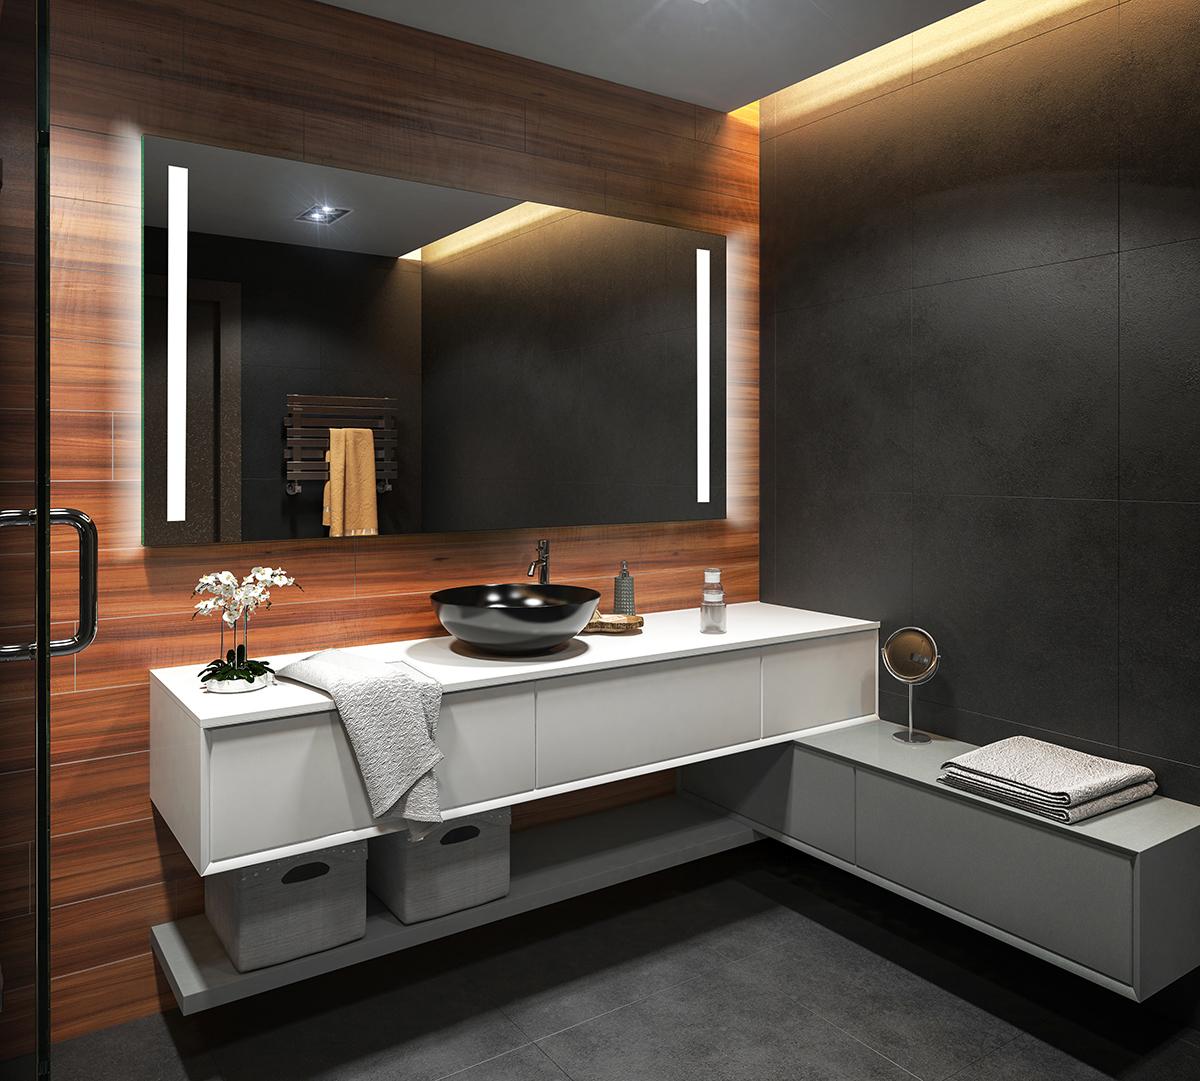 badspiegel mit led beleuchtung wandspiegel spiegel badezimmerspiegel nach ma 02 ebay. Black Bedroom Furniture Sets. Home Design Ideas